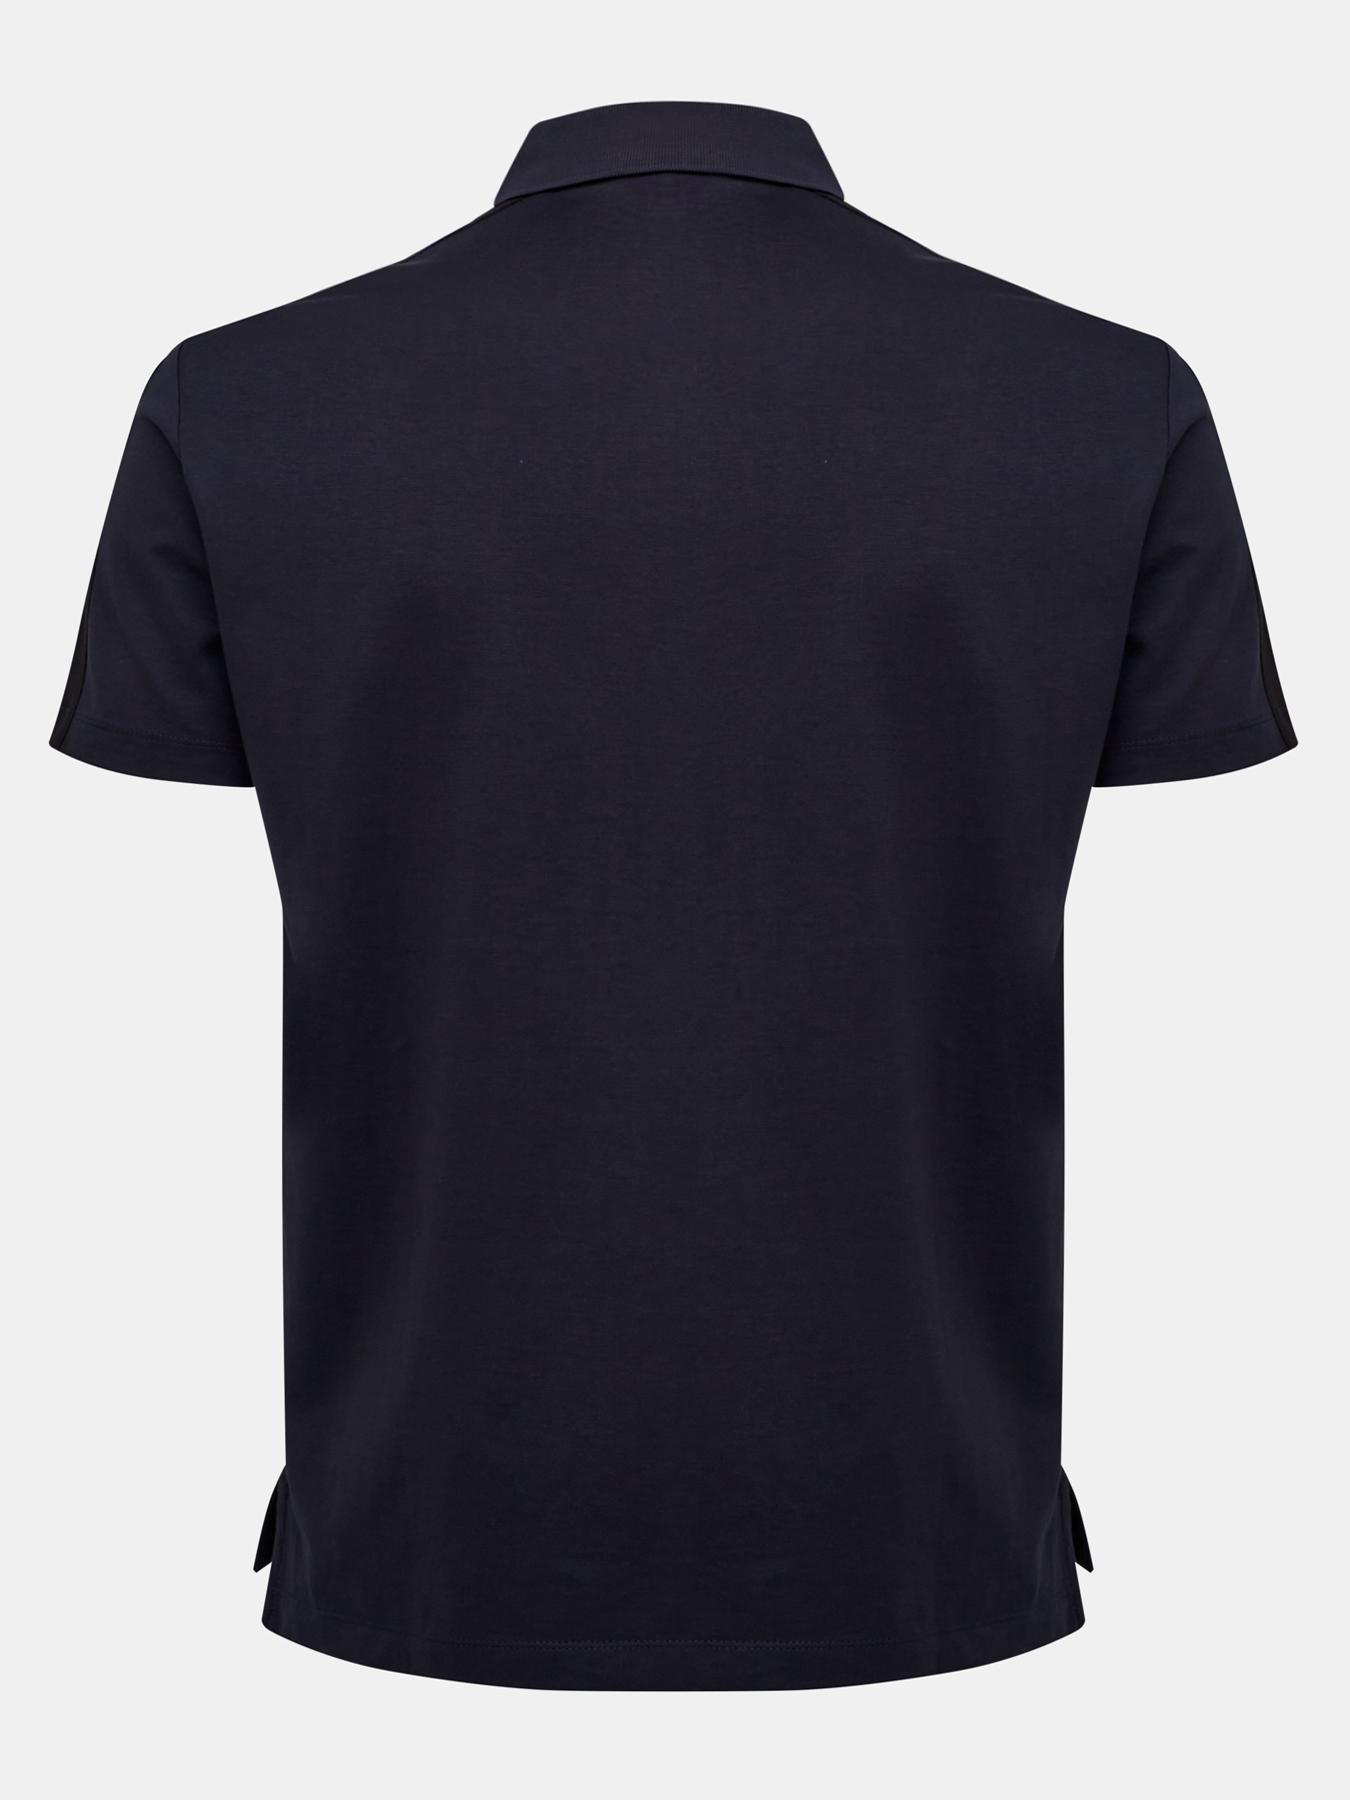 Рубашка поло Armani Exchange Поло футболка поло armani exchange 8nzf70 z8m9z 1200